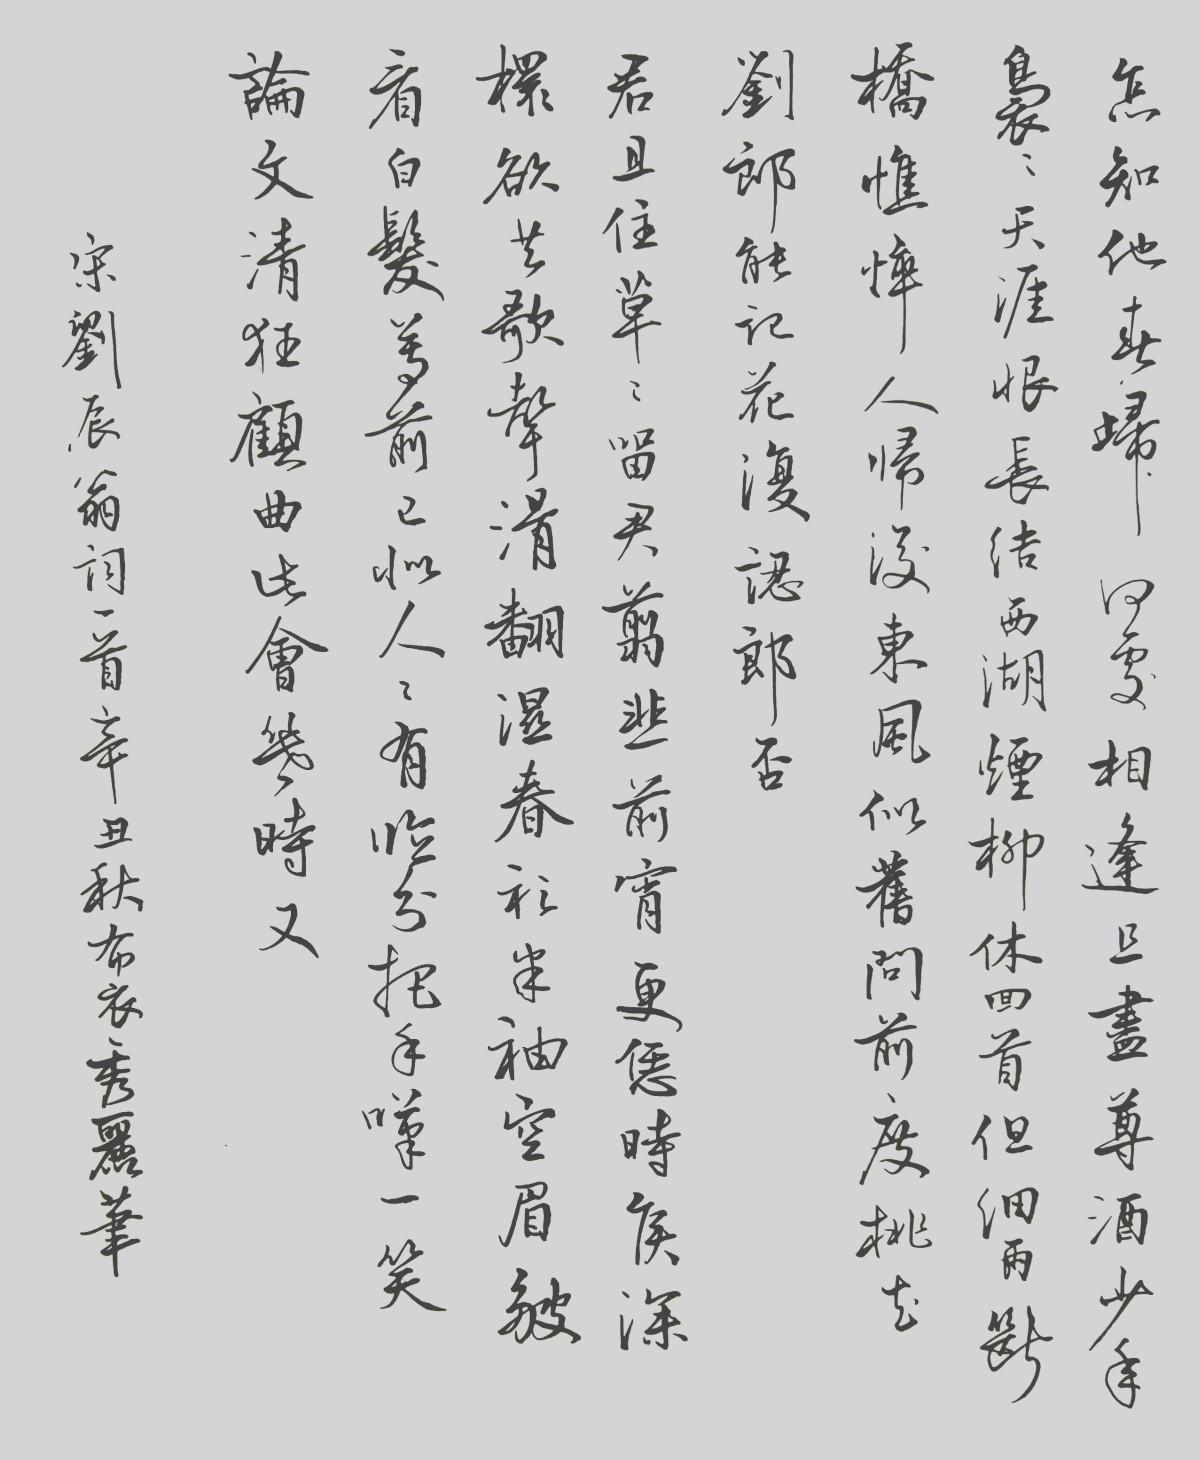 钢笔书法练字打卡20211012-07